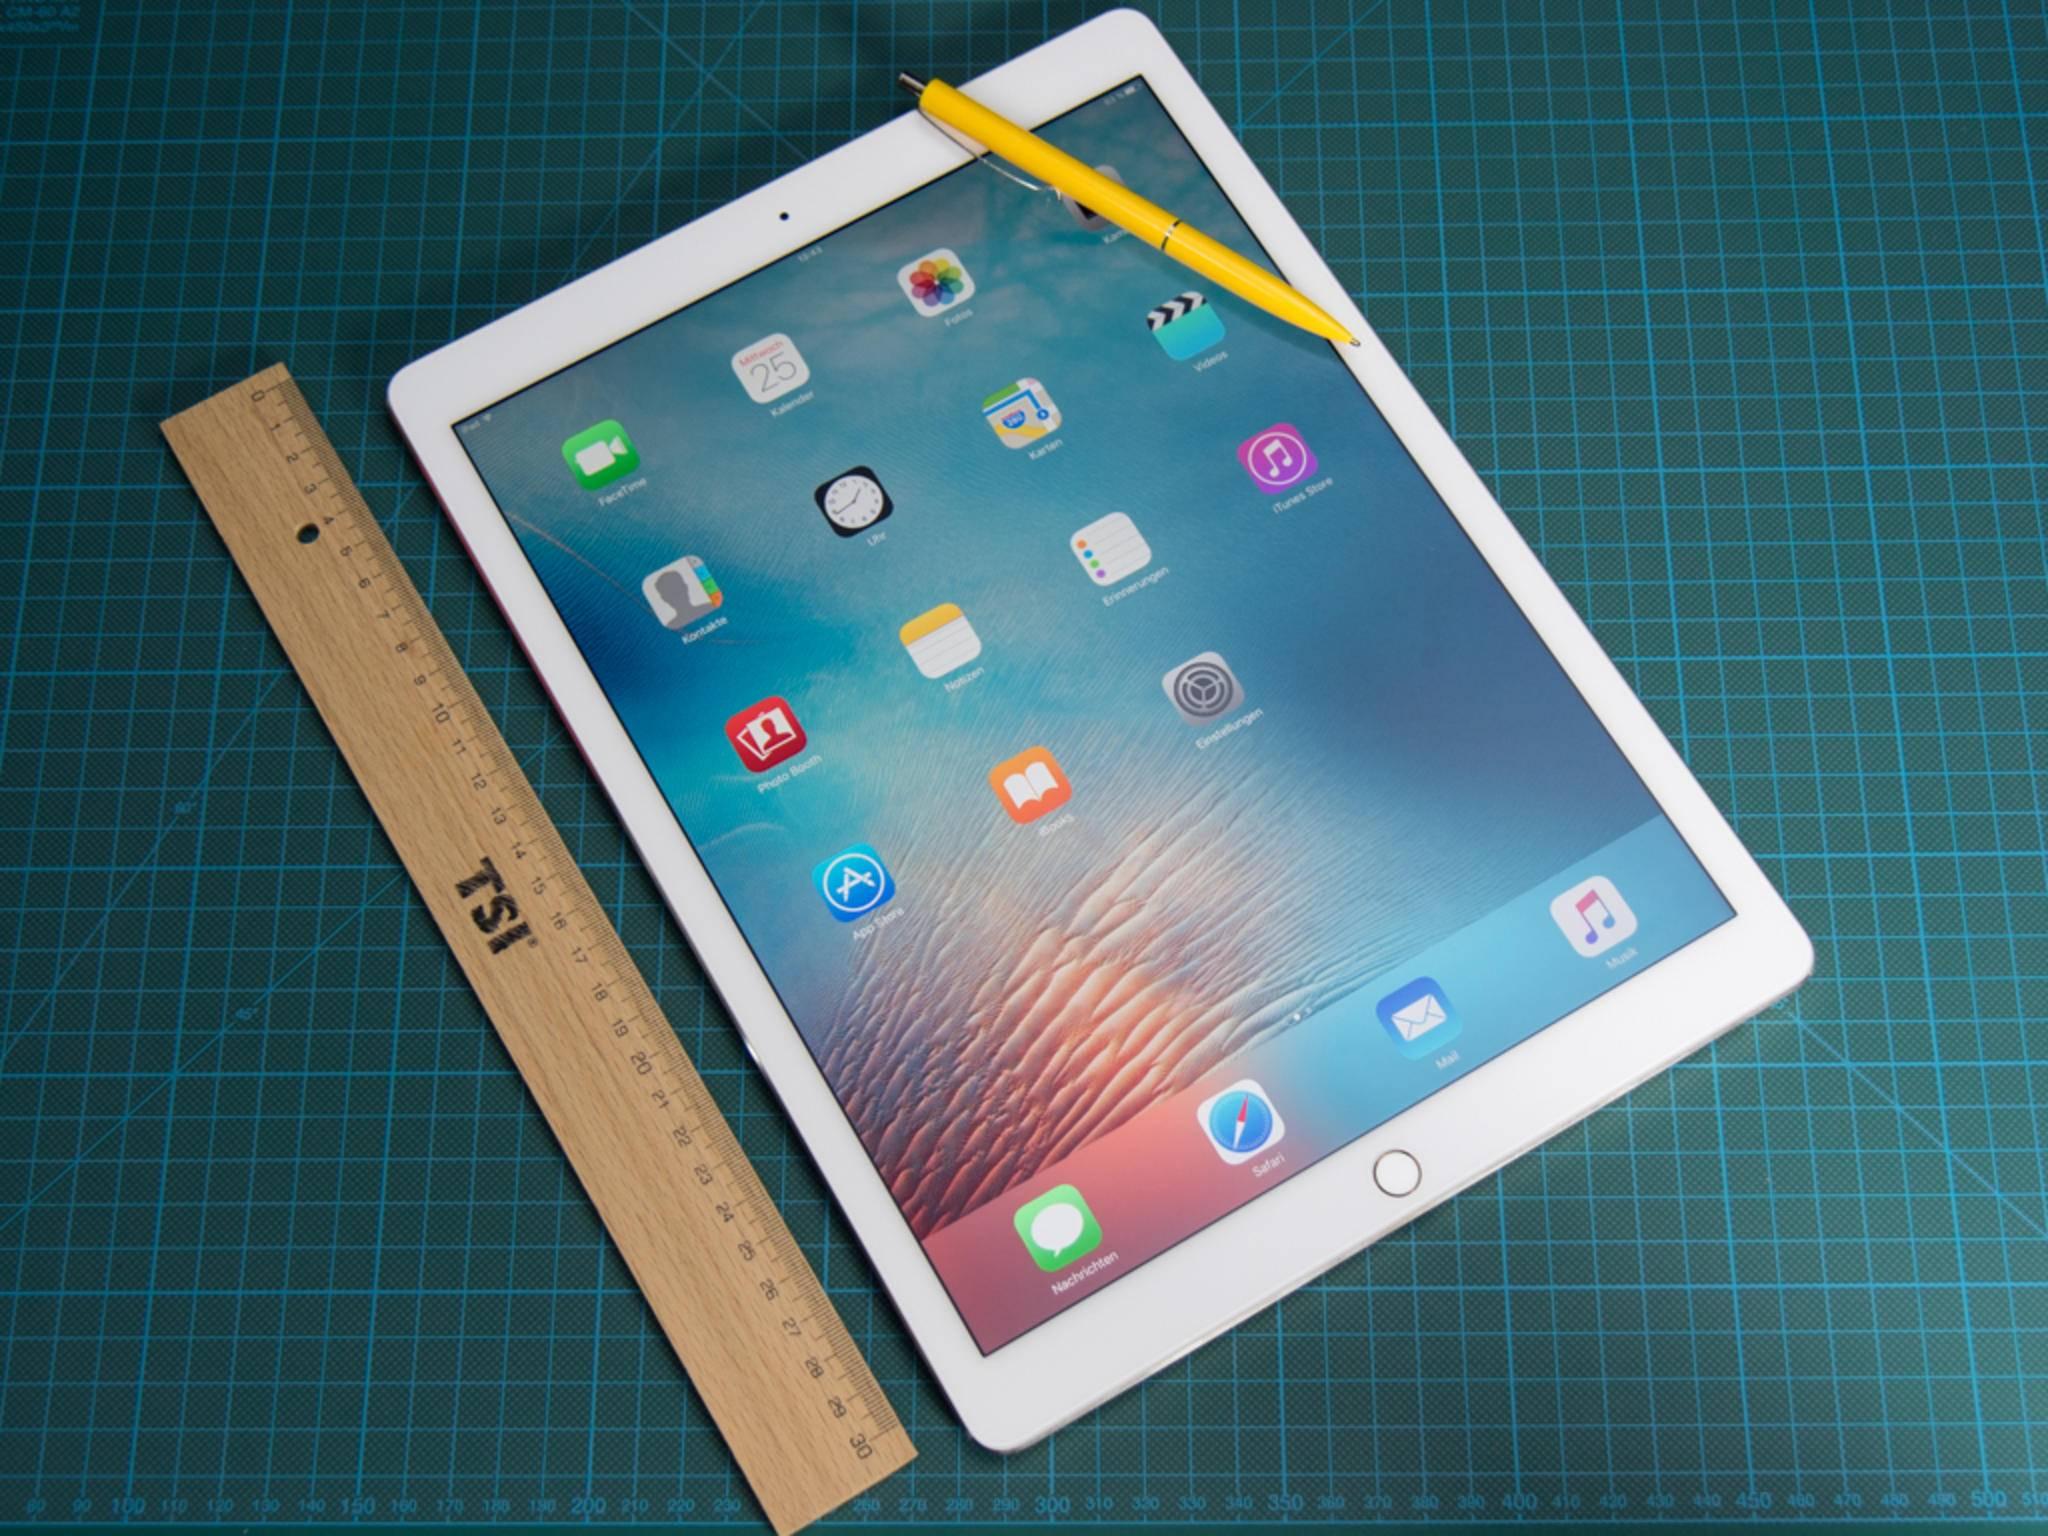 Das Retina-Display des iPad Pro 12.9 löst mit 2732 x 2048 Pixeln auf.